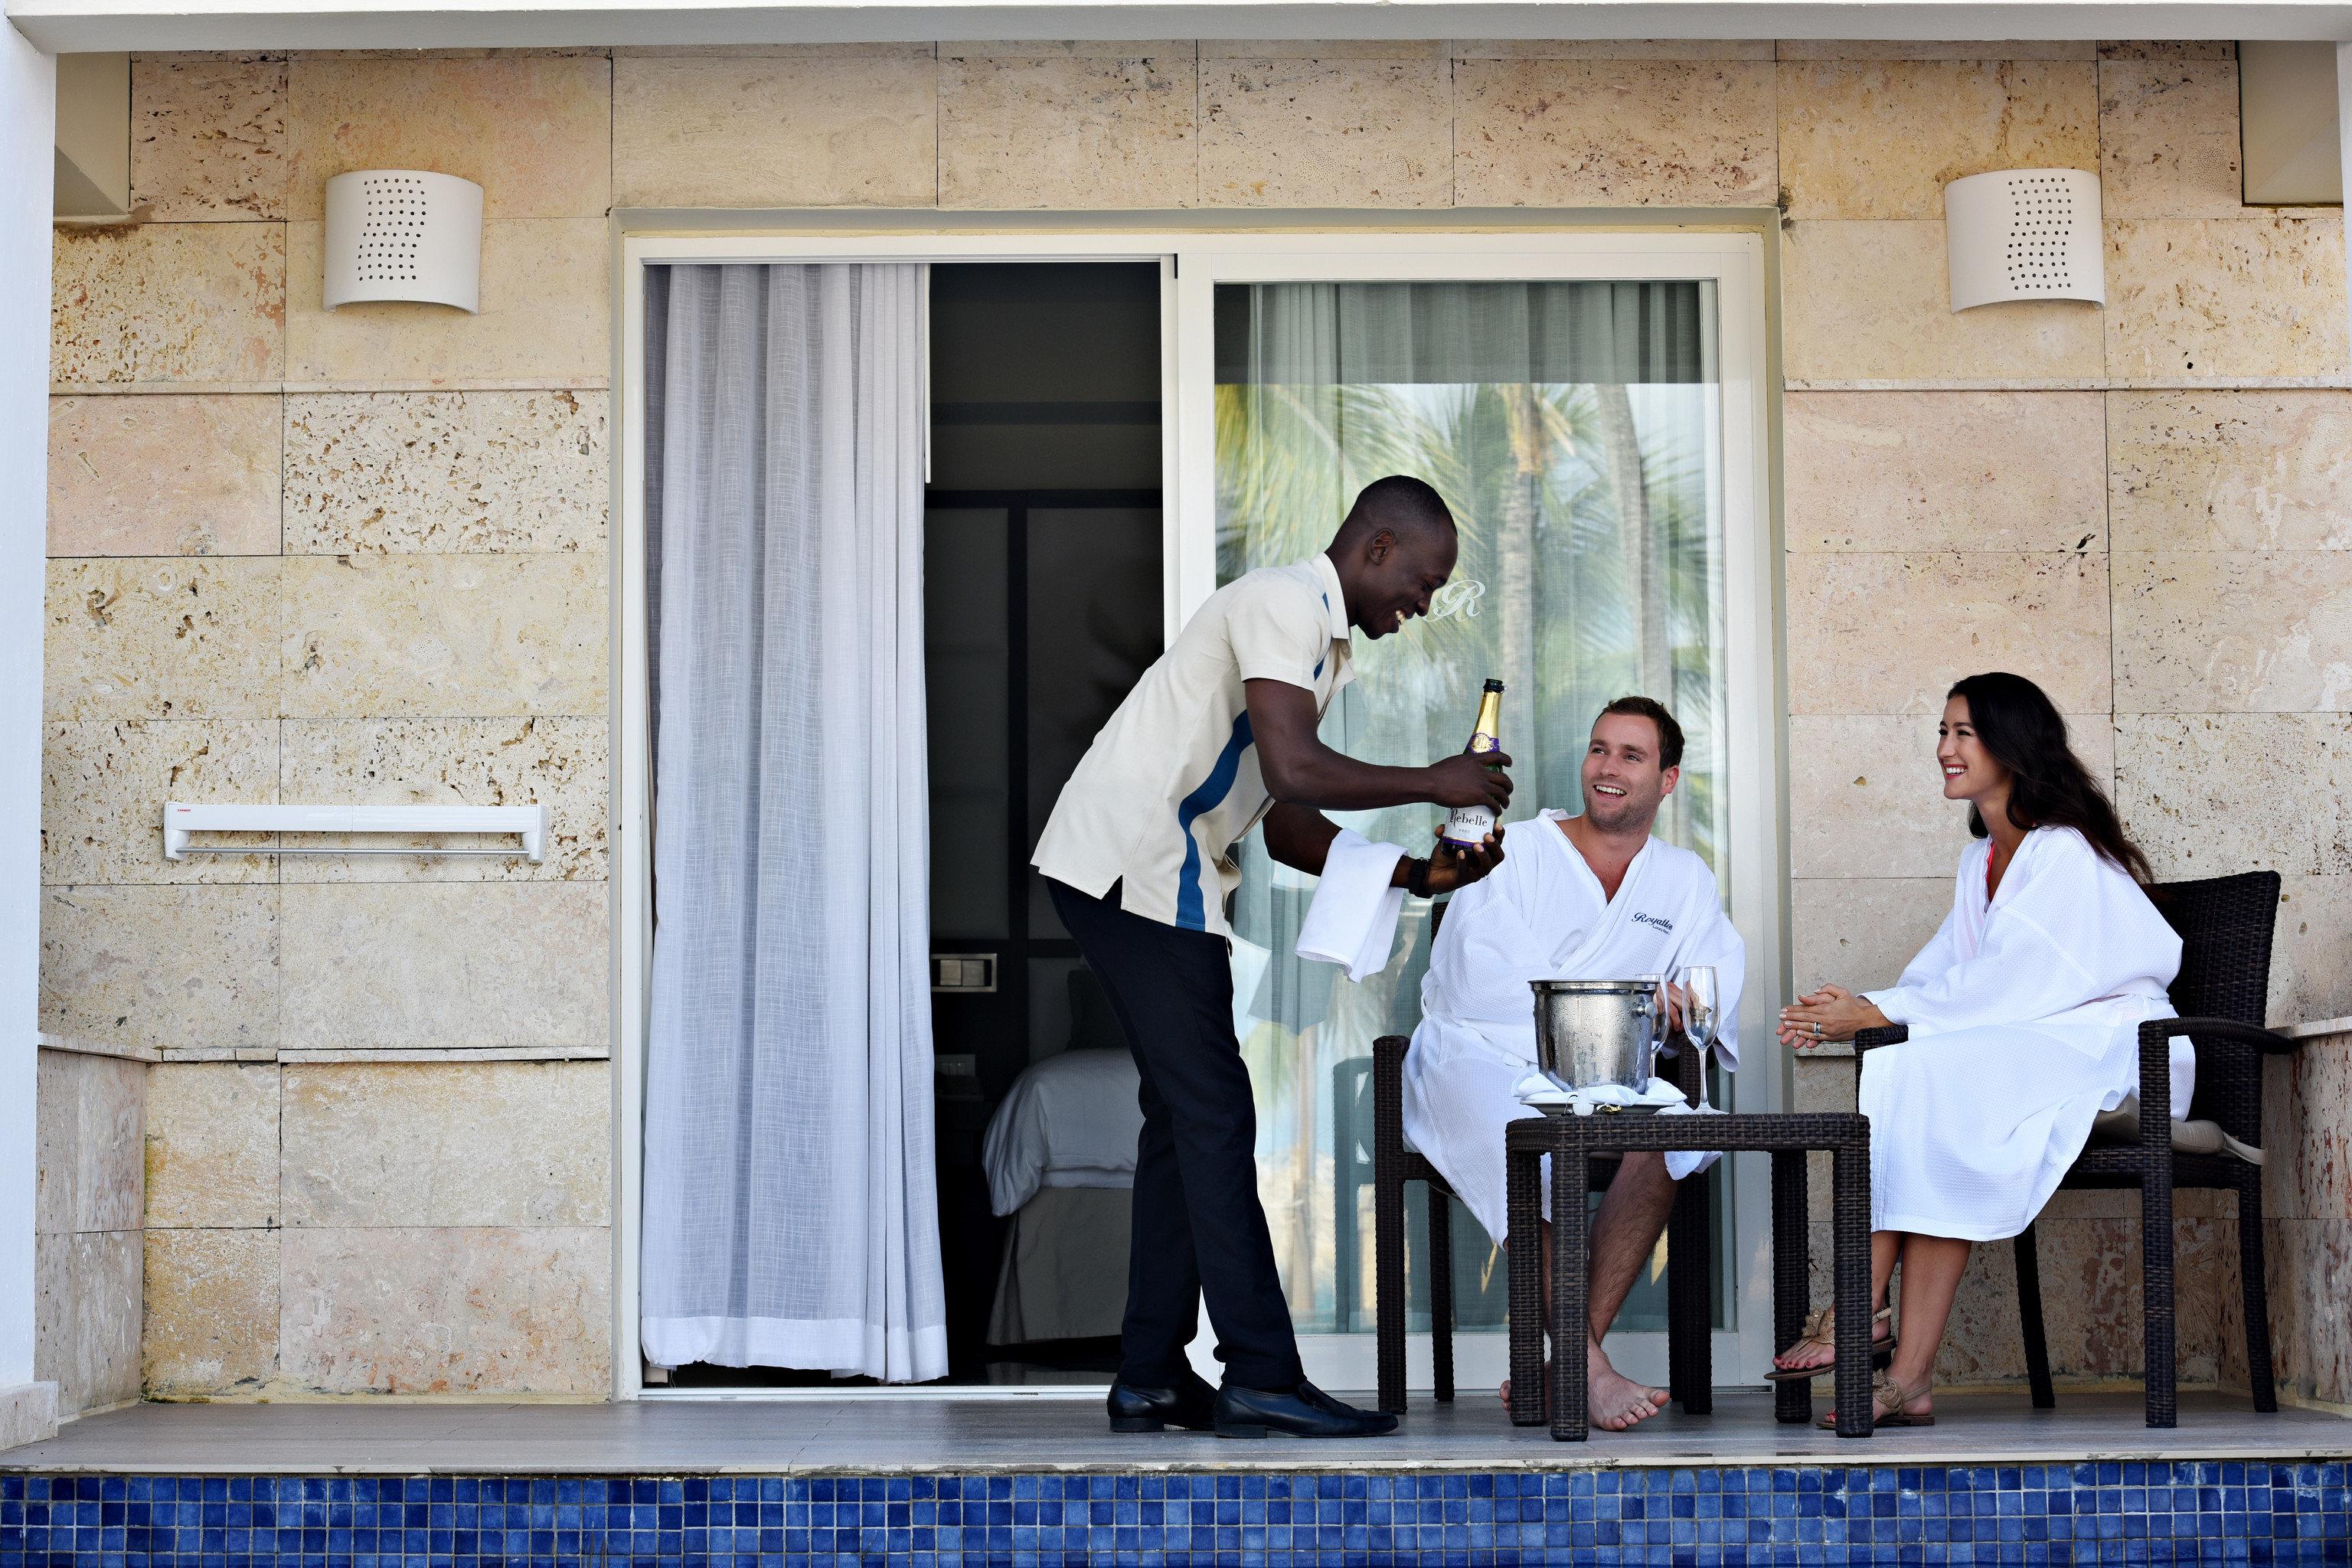 Hotels building outdoor person photograph man bride ceremony groom wedding